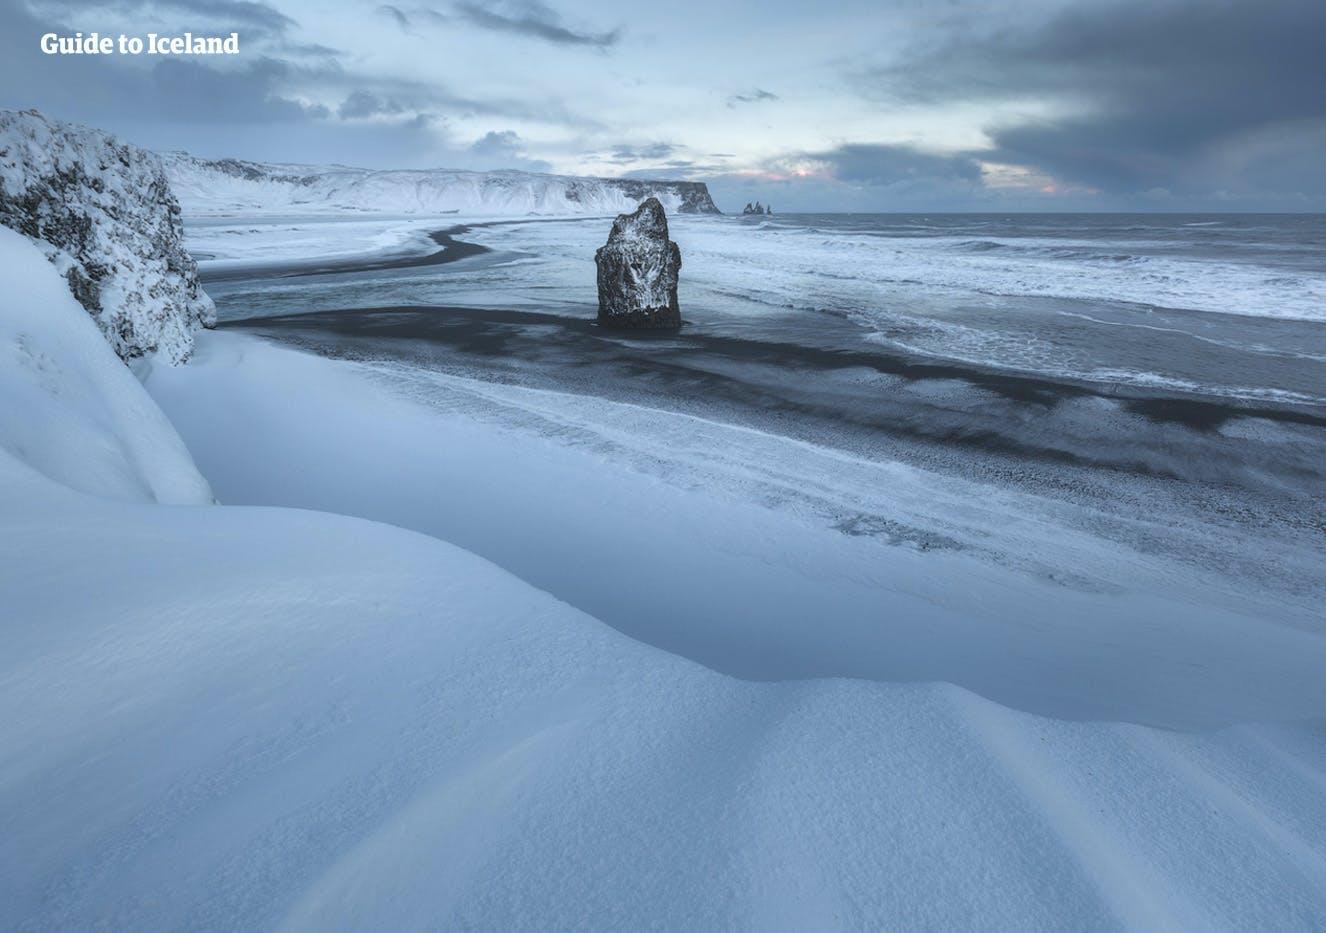 10-tägige Mietwagen-Winterreise | Snæfellsnes, Südisland & Eishöhlen-Option